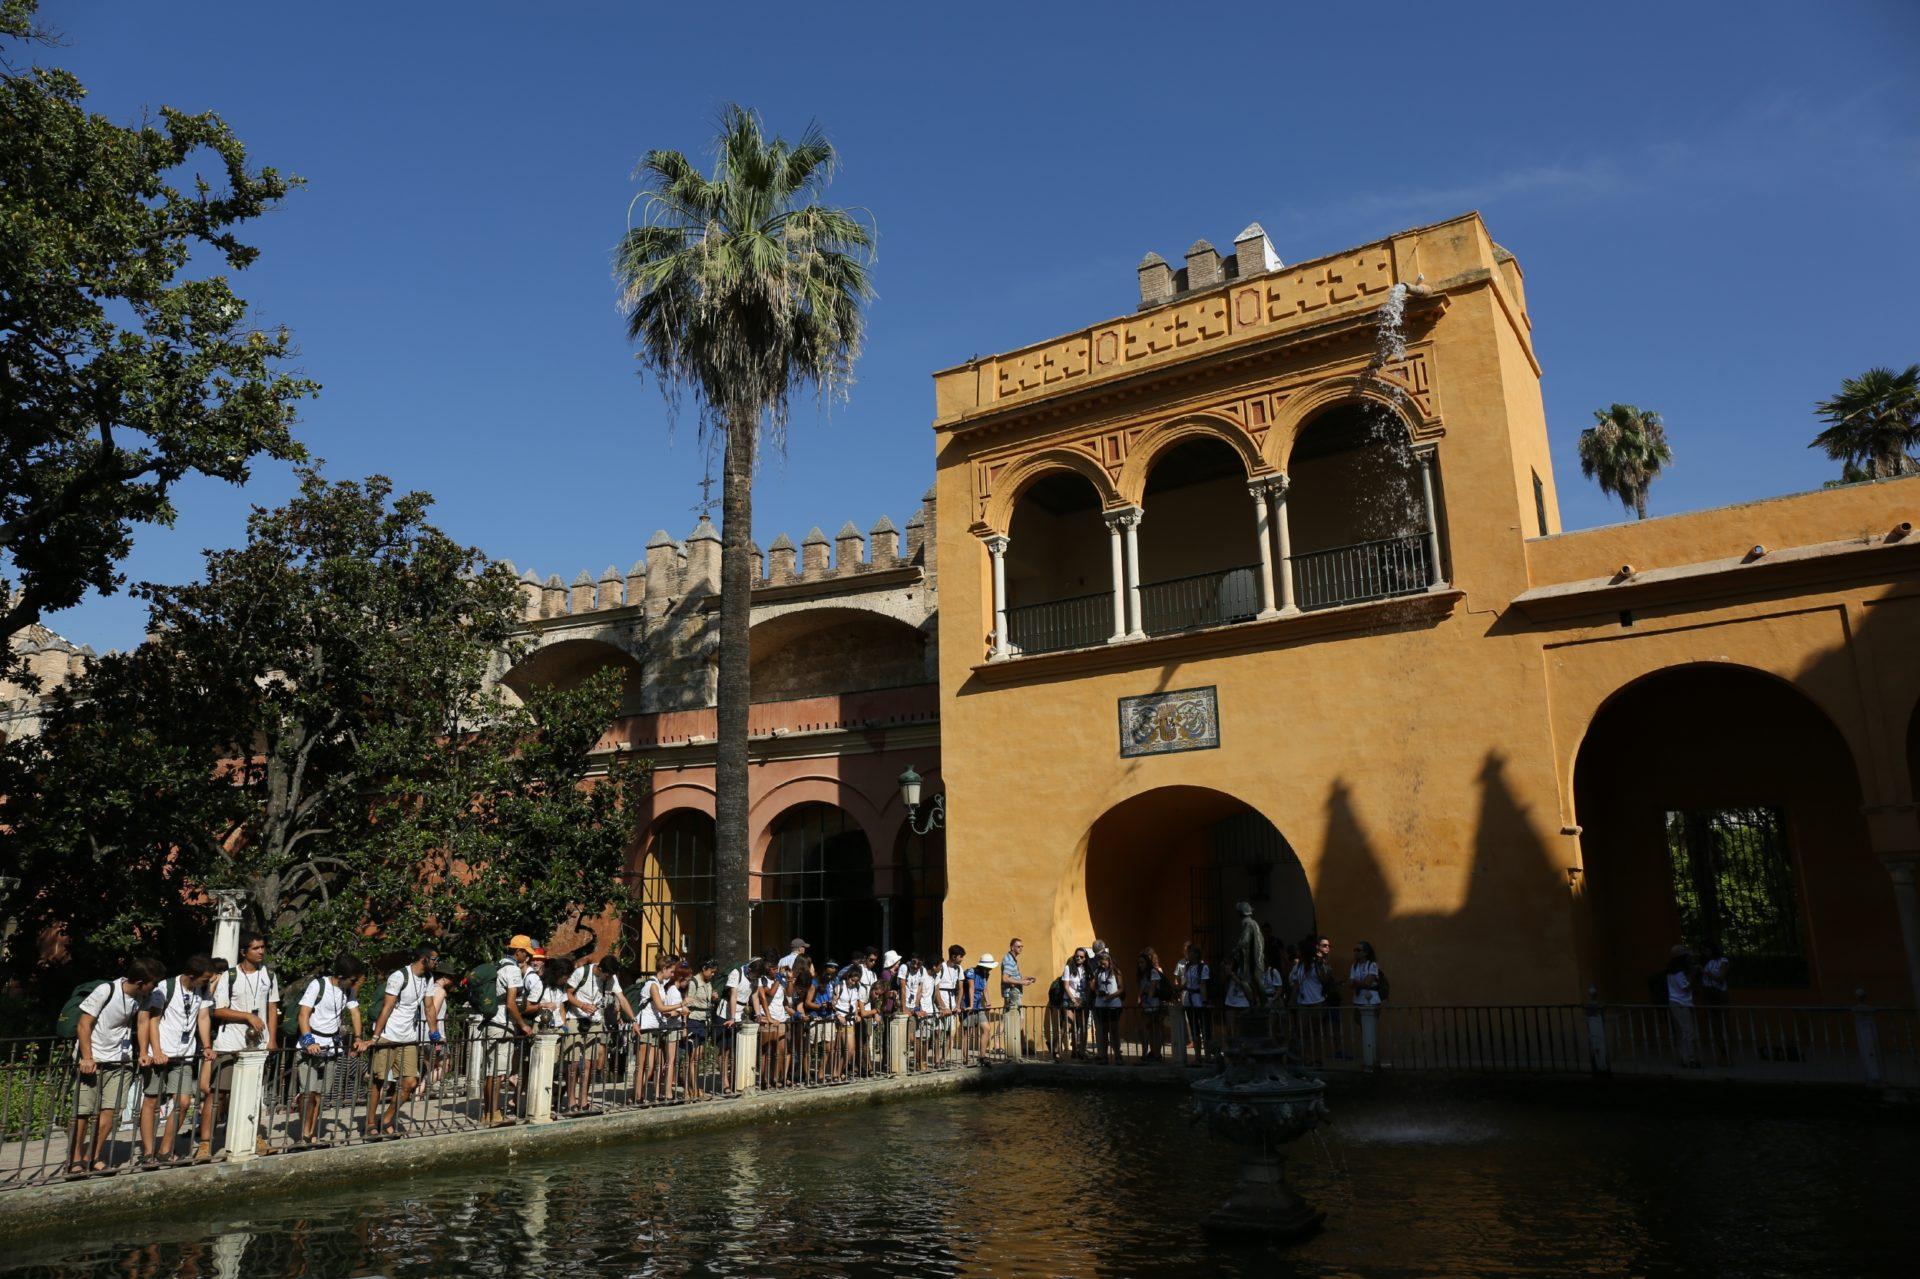 La Ruta BBVA recorre el Real Alcázar de Sevilla